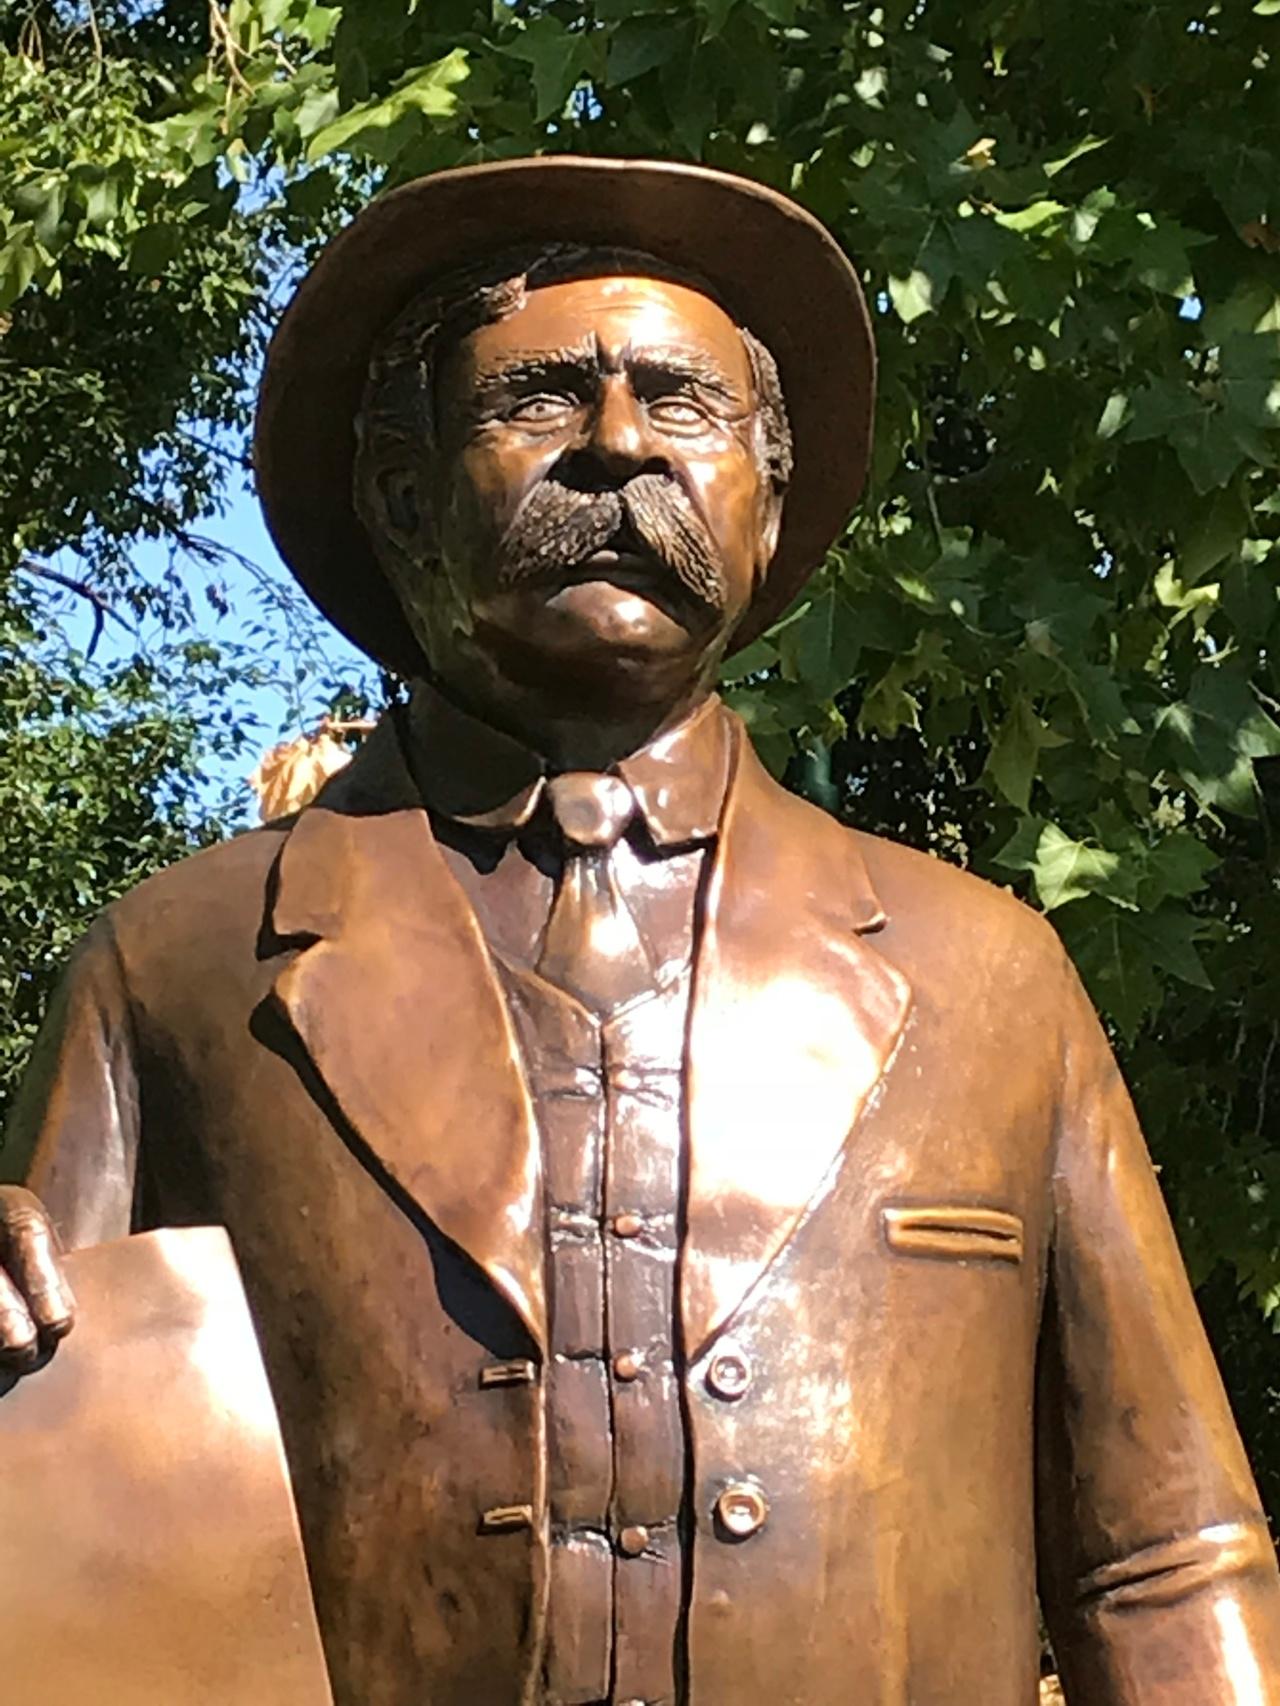 A tribute in bronze – WilliamCooper